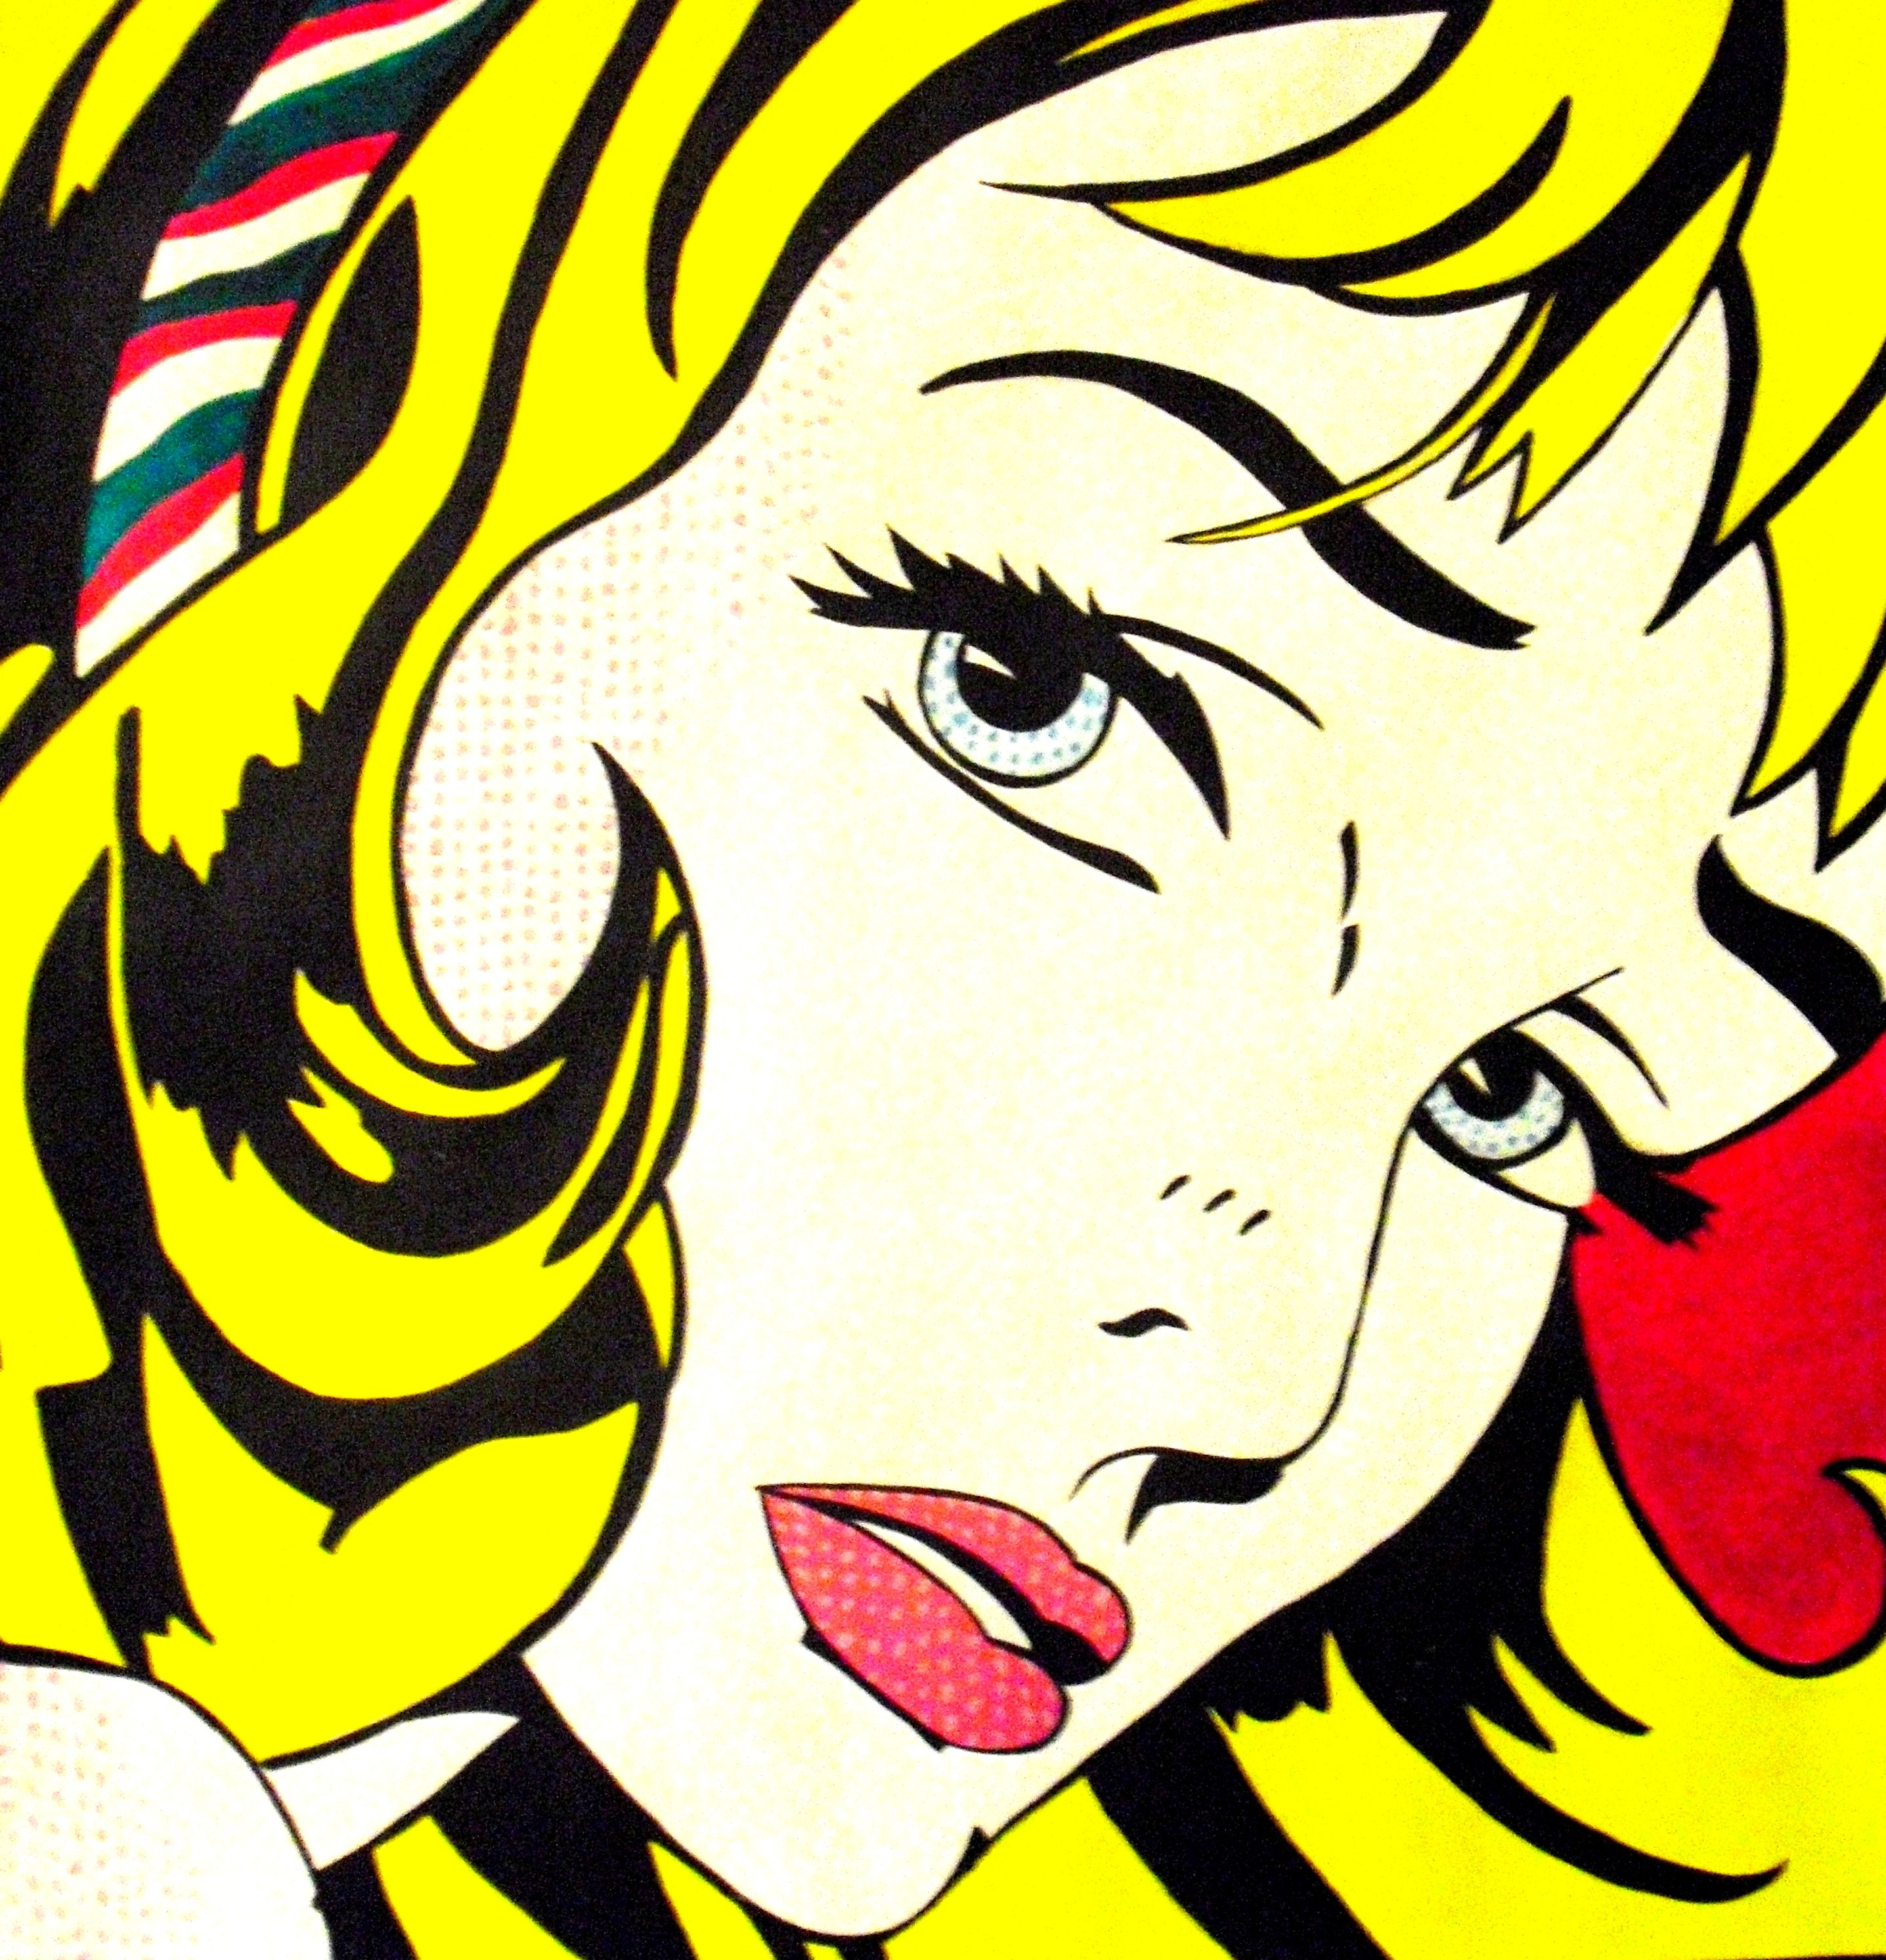 Roy lichtenstein pop art art pinterest - Pop art roy lichtenstein obras ...